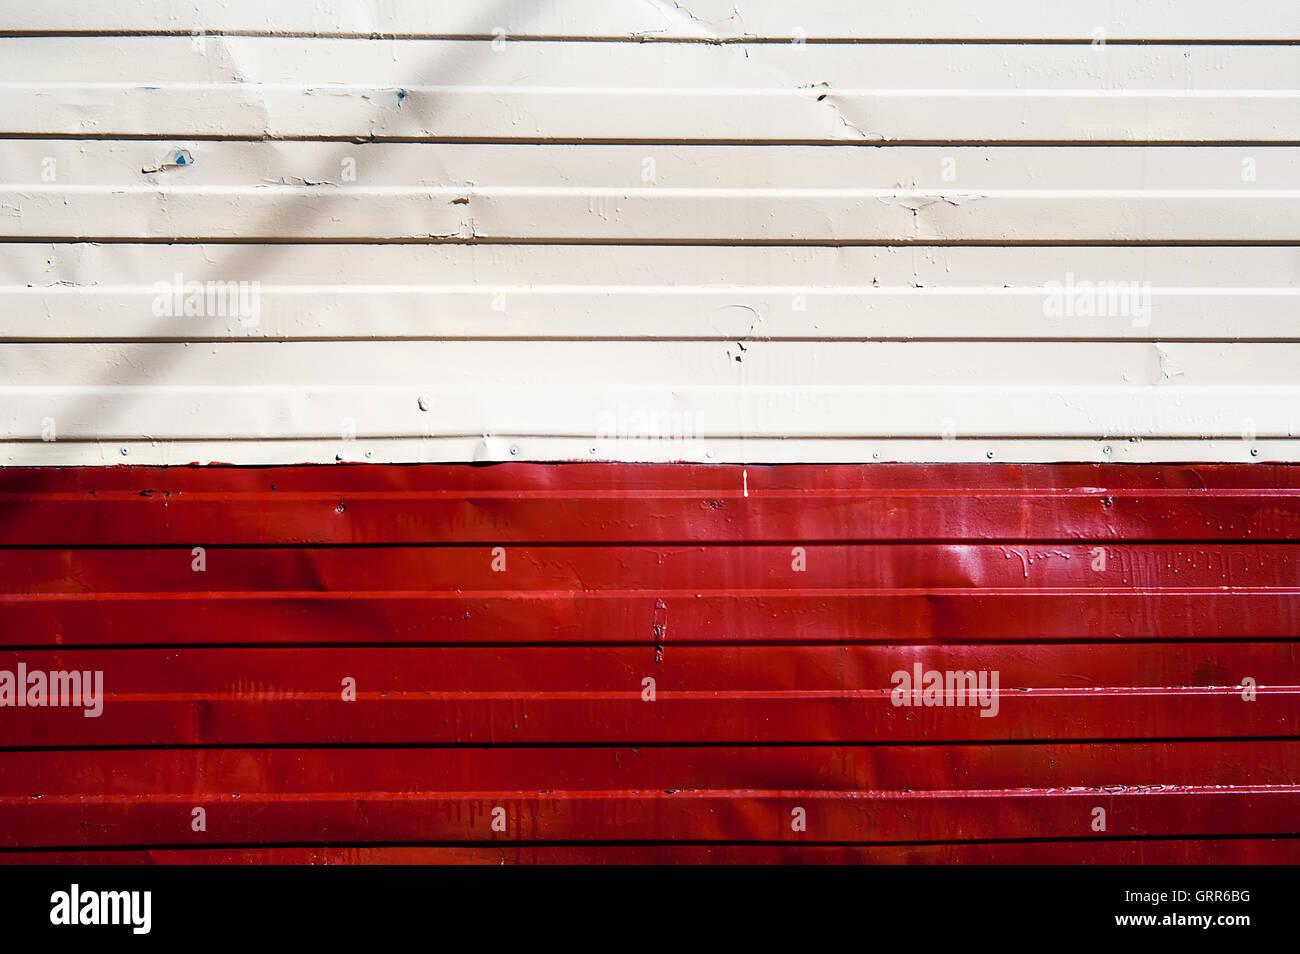 Pavimento Rosso E Bianco : Rosso e bianco texture di zinco pavimento in metallo a parete